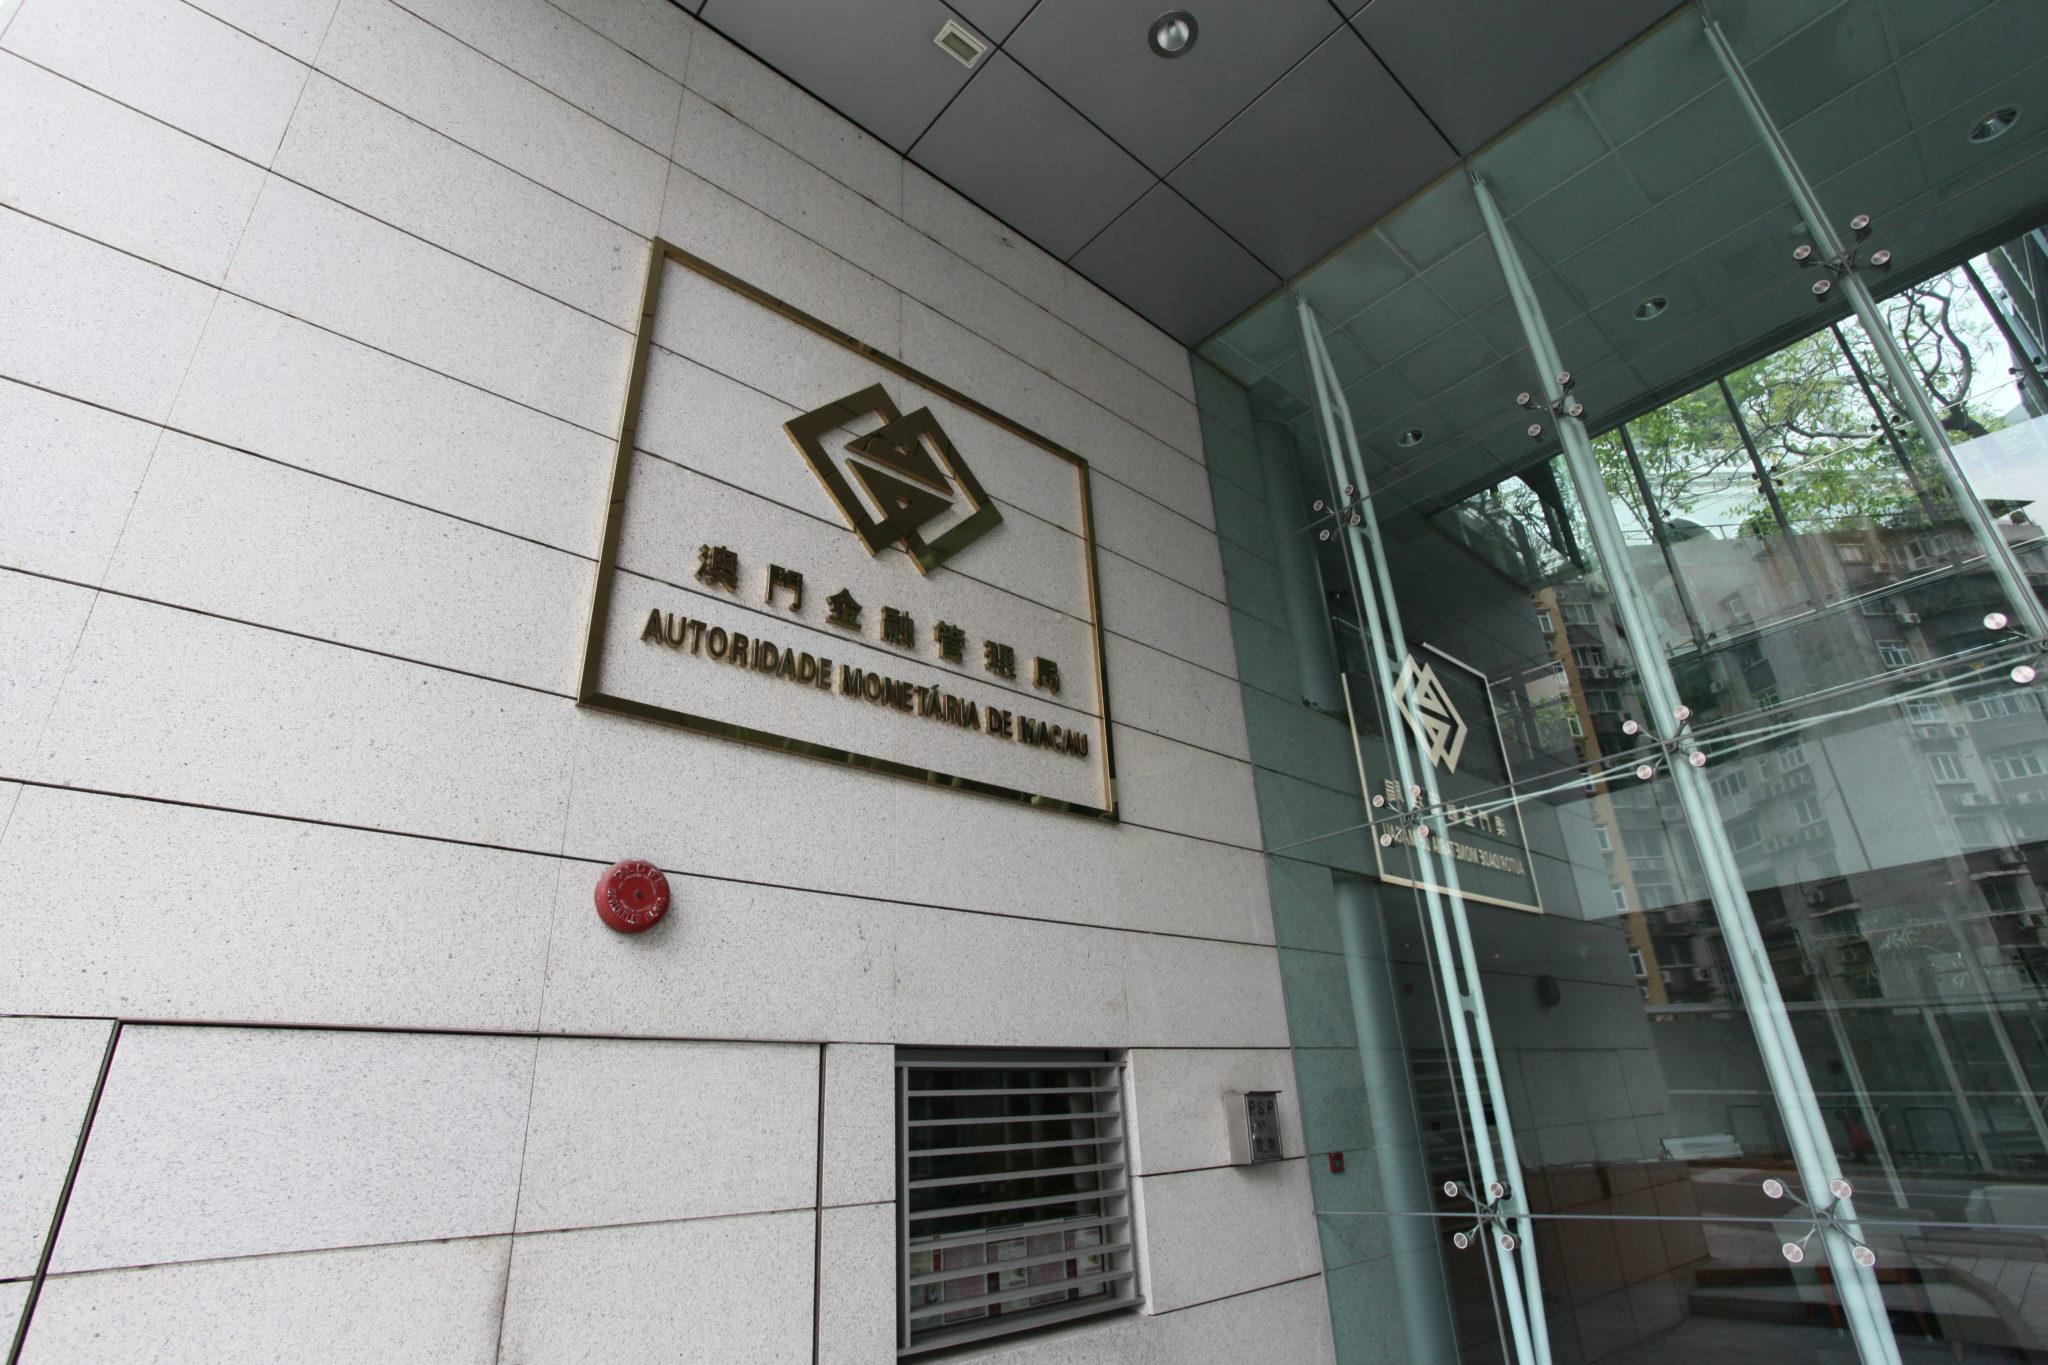 AMCM | Turistas da China contribuem para esvaziar stock de moedas